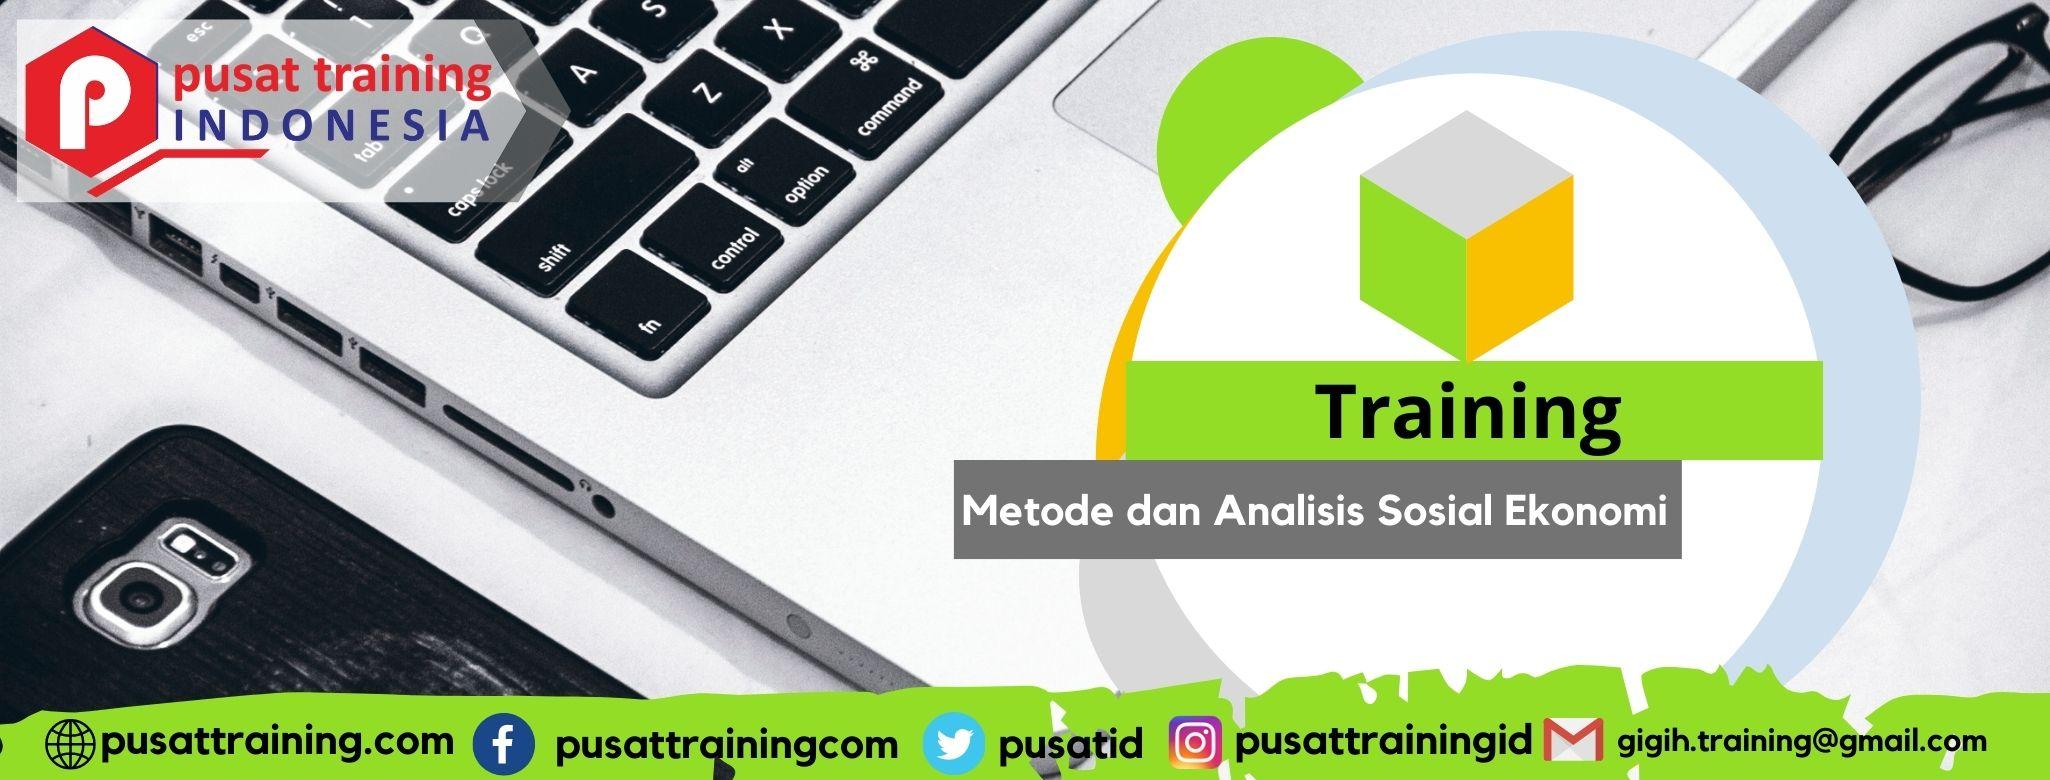 Training Metode dan Analisis Sosial Ekonomi